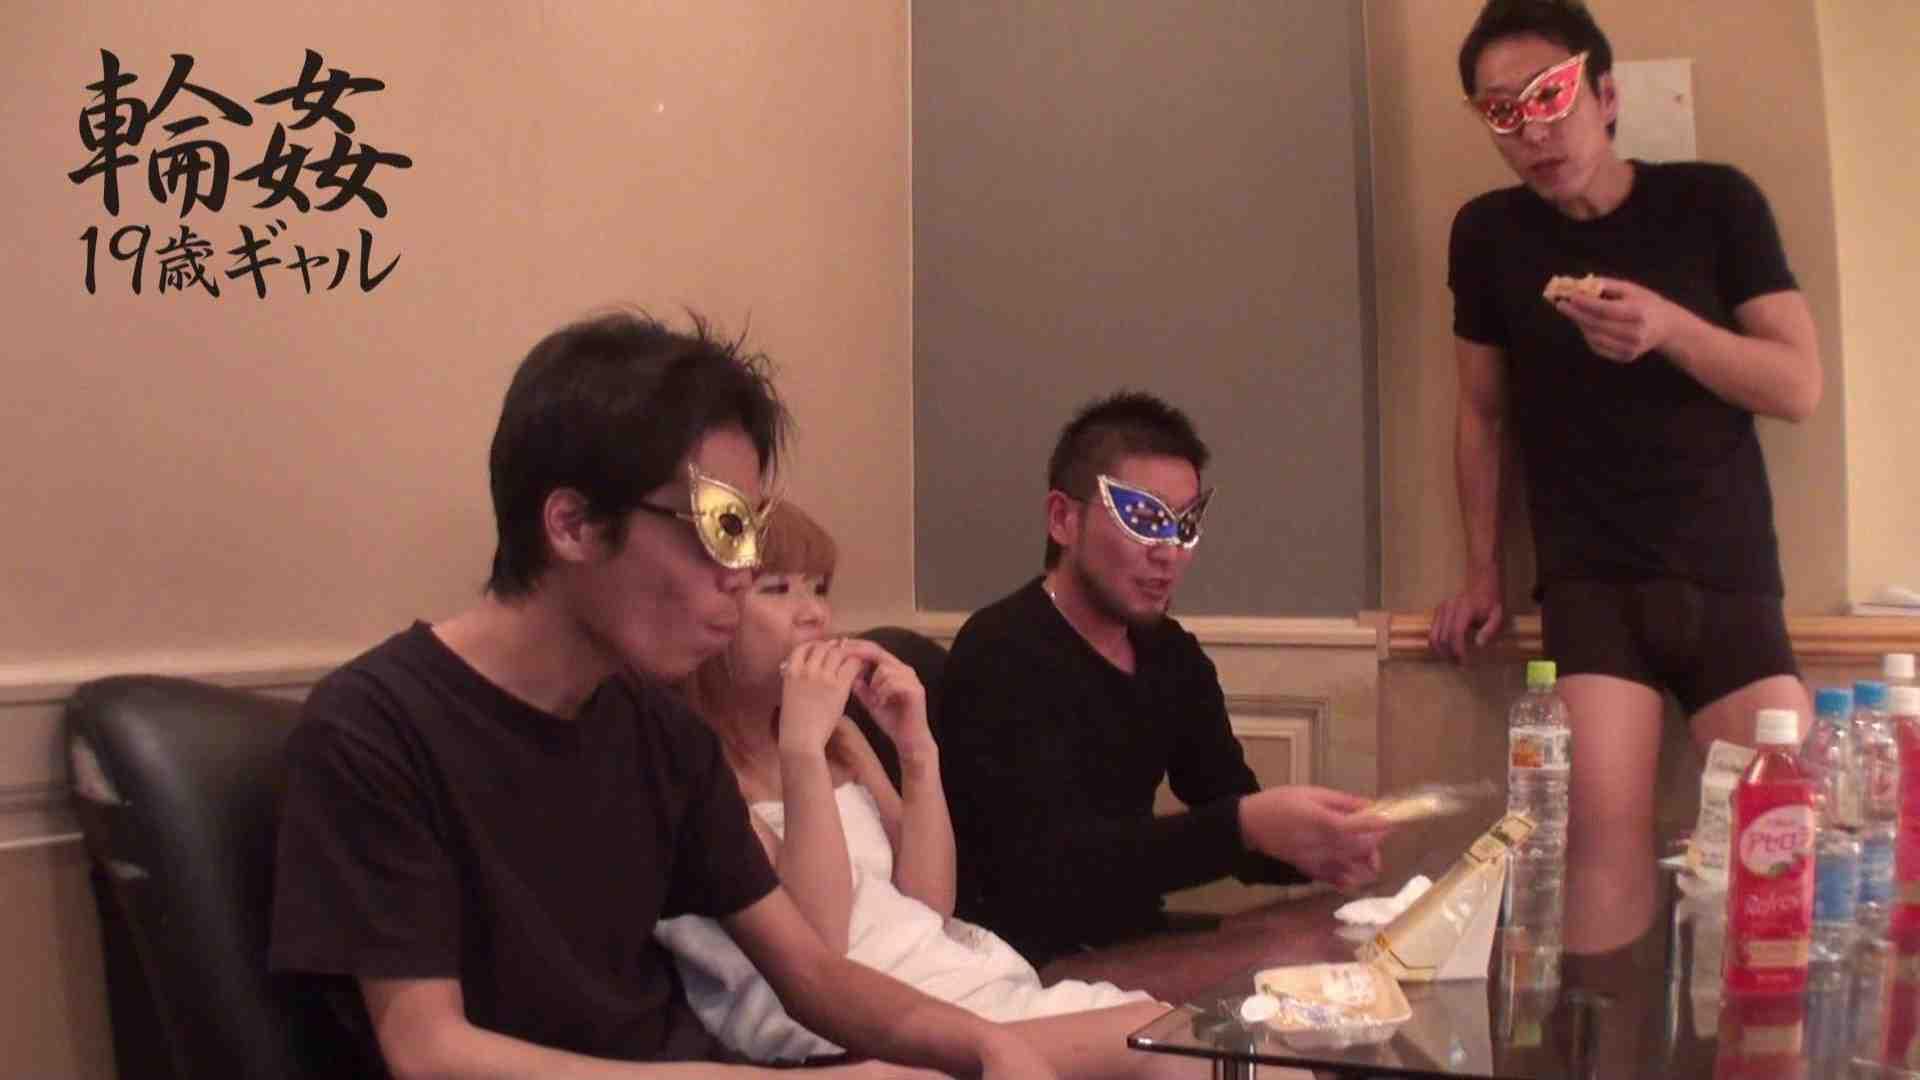 輪●掲示板にお小遣い稼ぎに来た 激カワ19歳ギャル③ SEX   ビッチなギャル  69pic 9